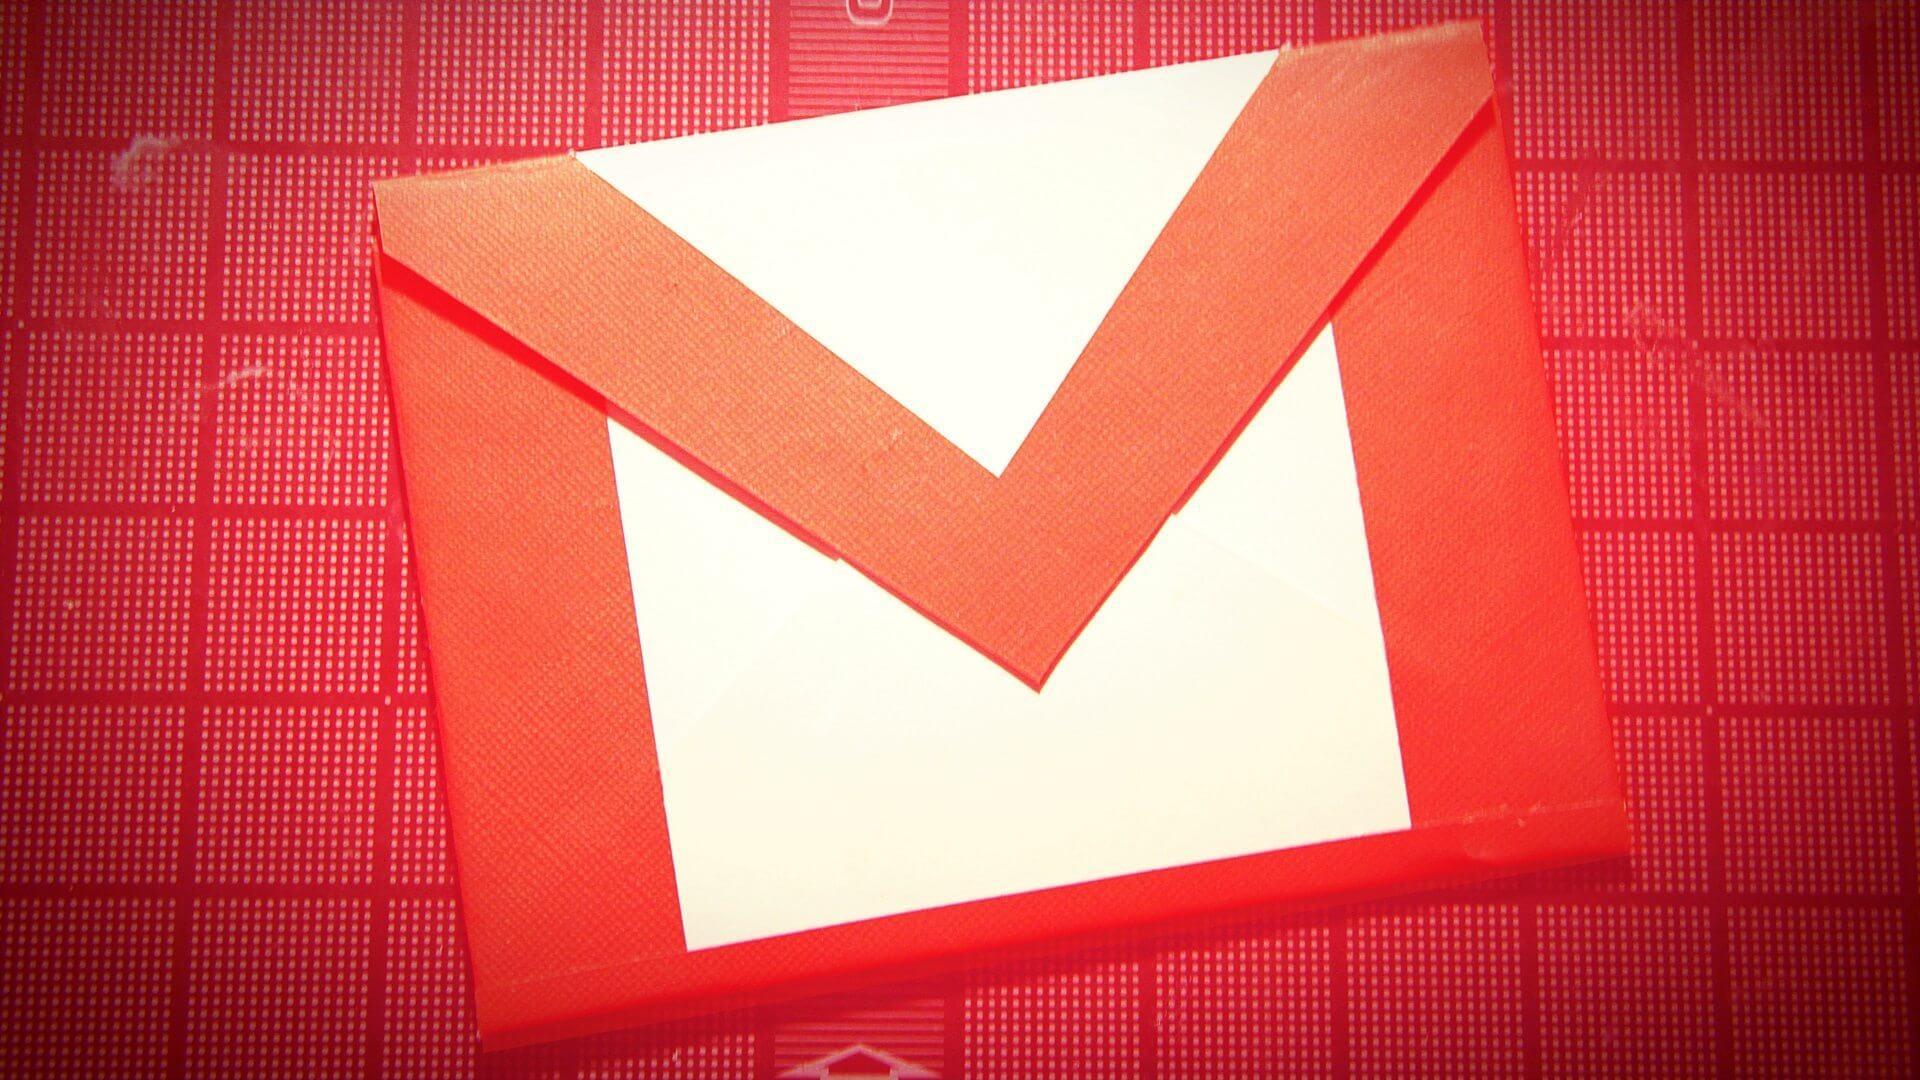 Smt gmail capa